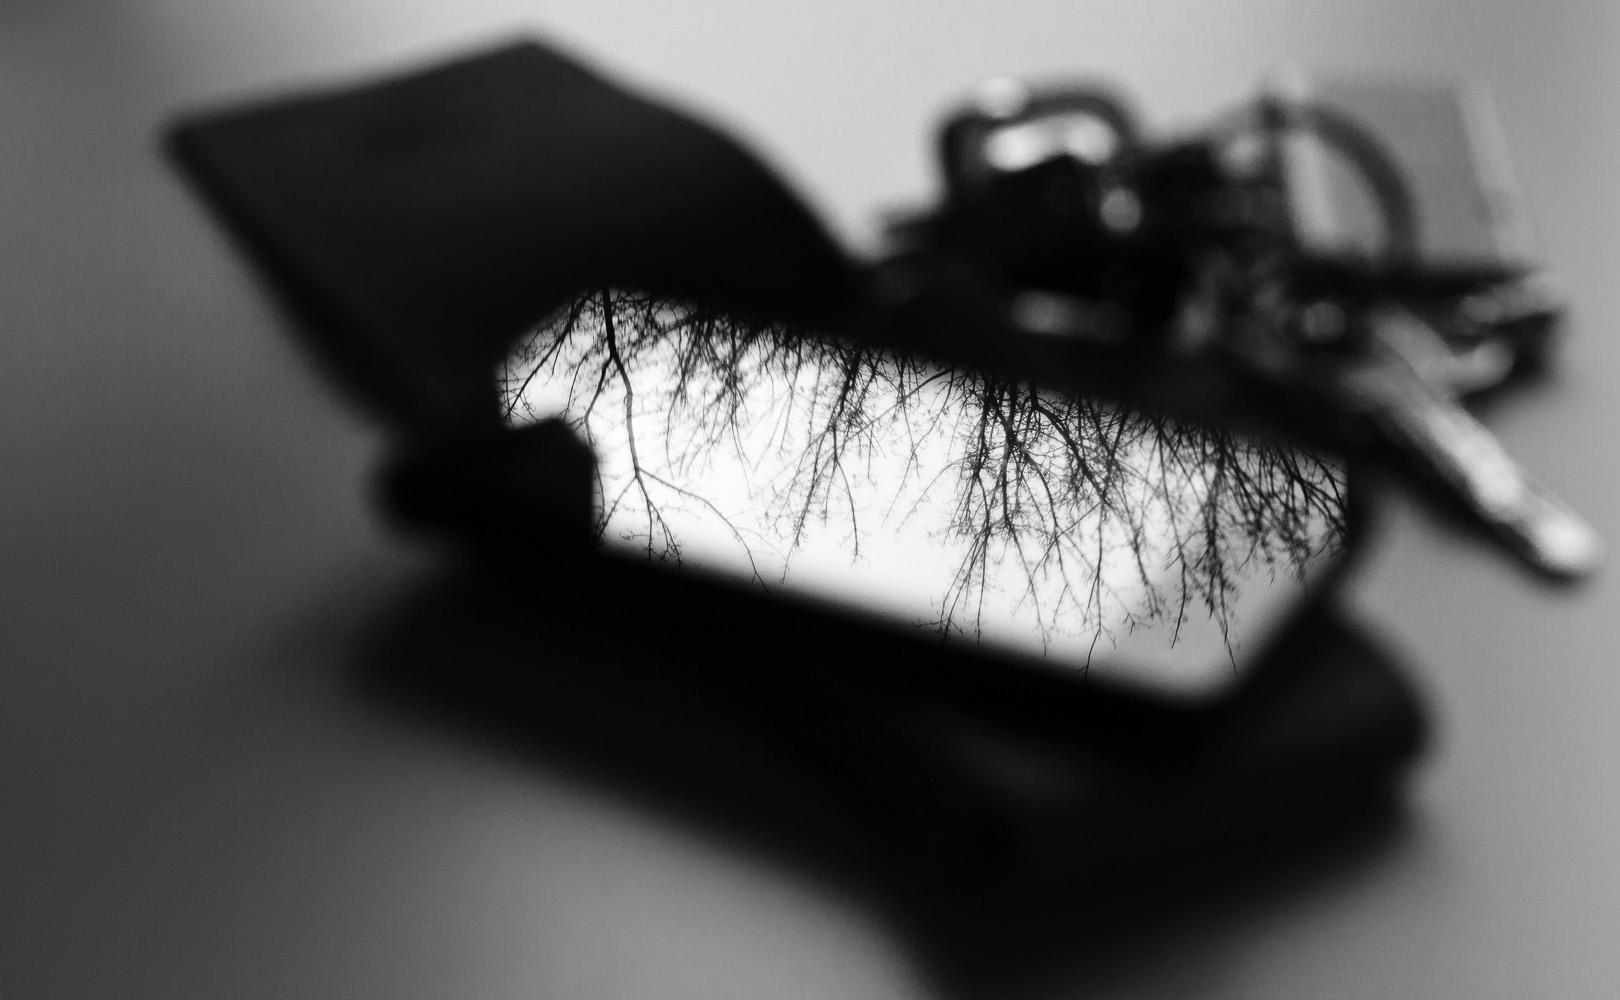 Handyphoto